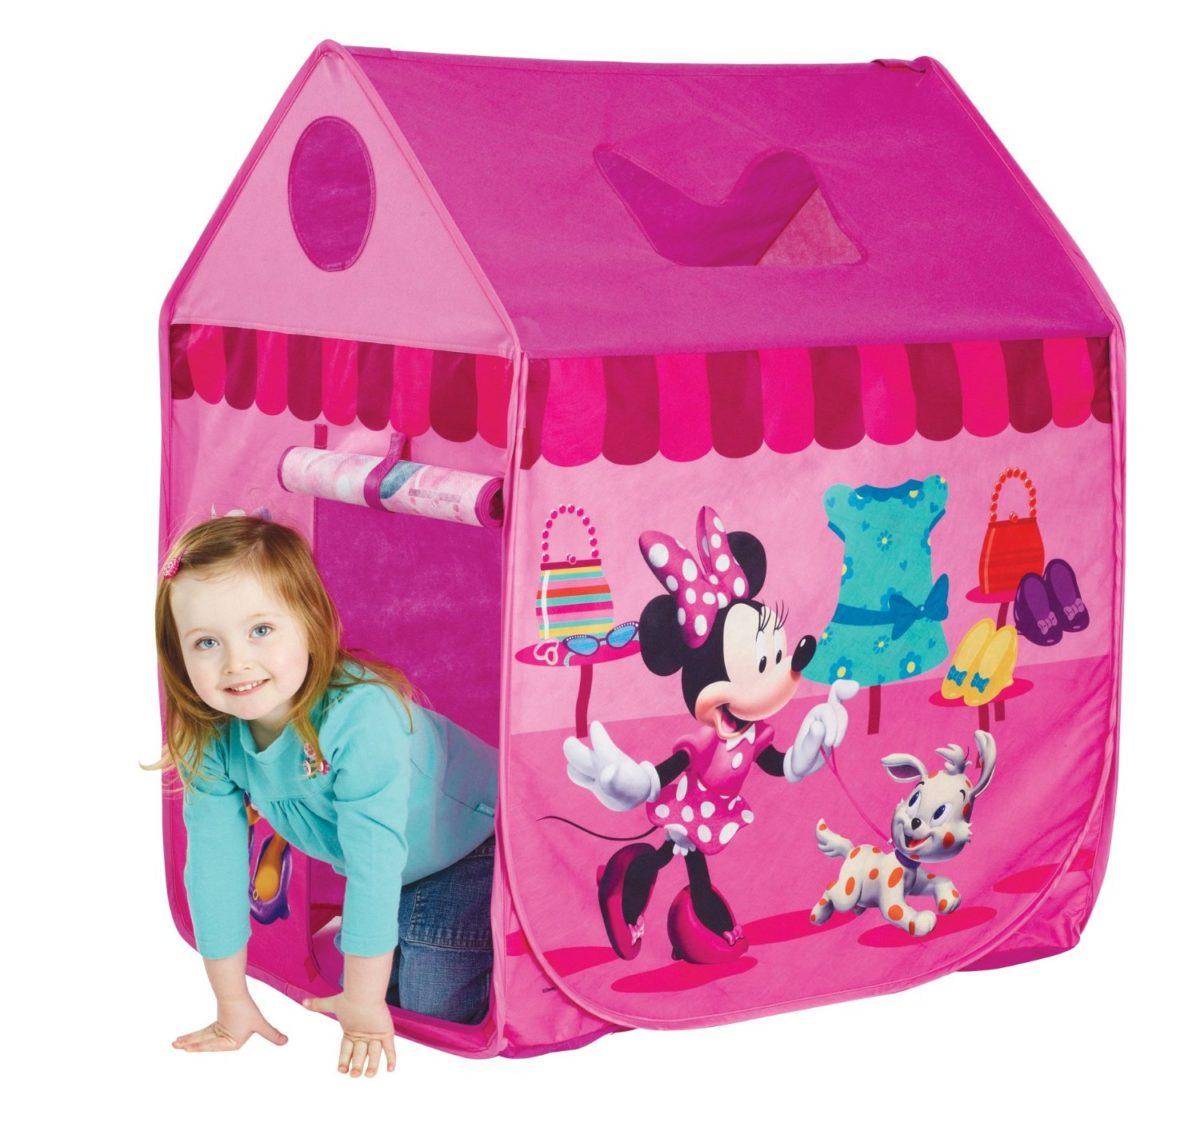 10 id es de cadeaux pour les 1 an de b b. Black Bedroom Furniture Sets. Home Design Ideas